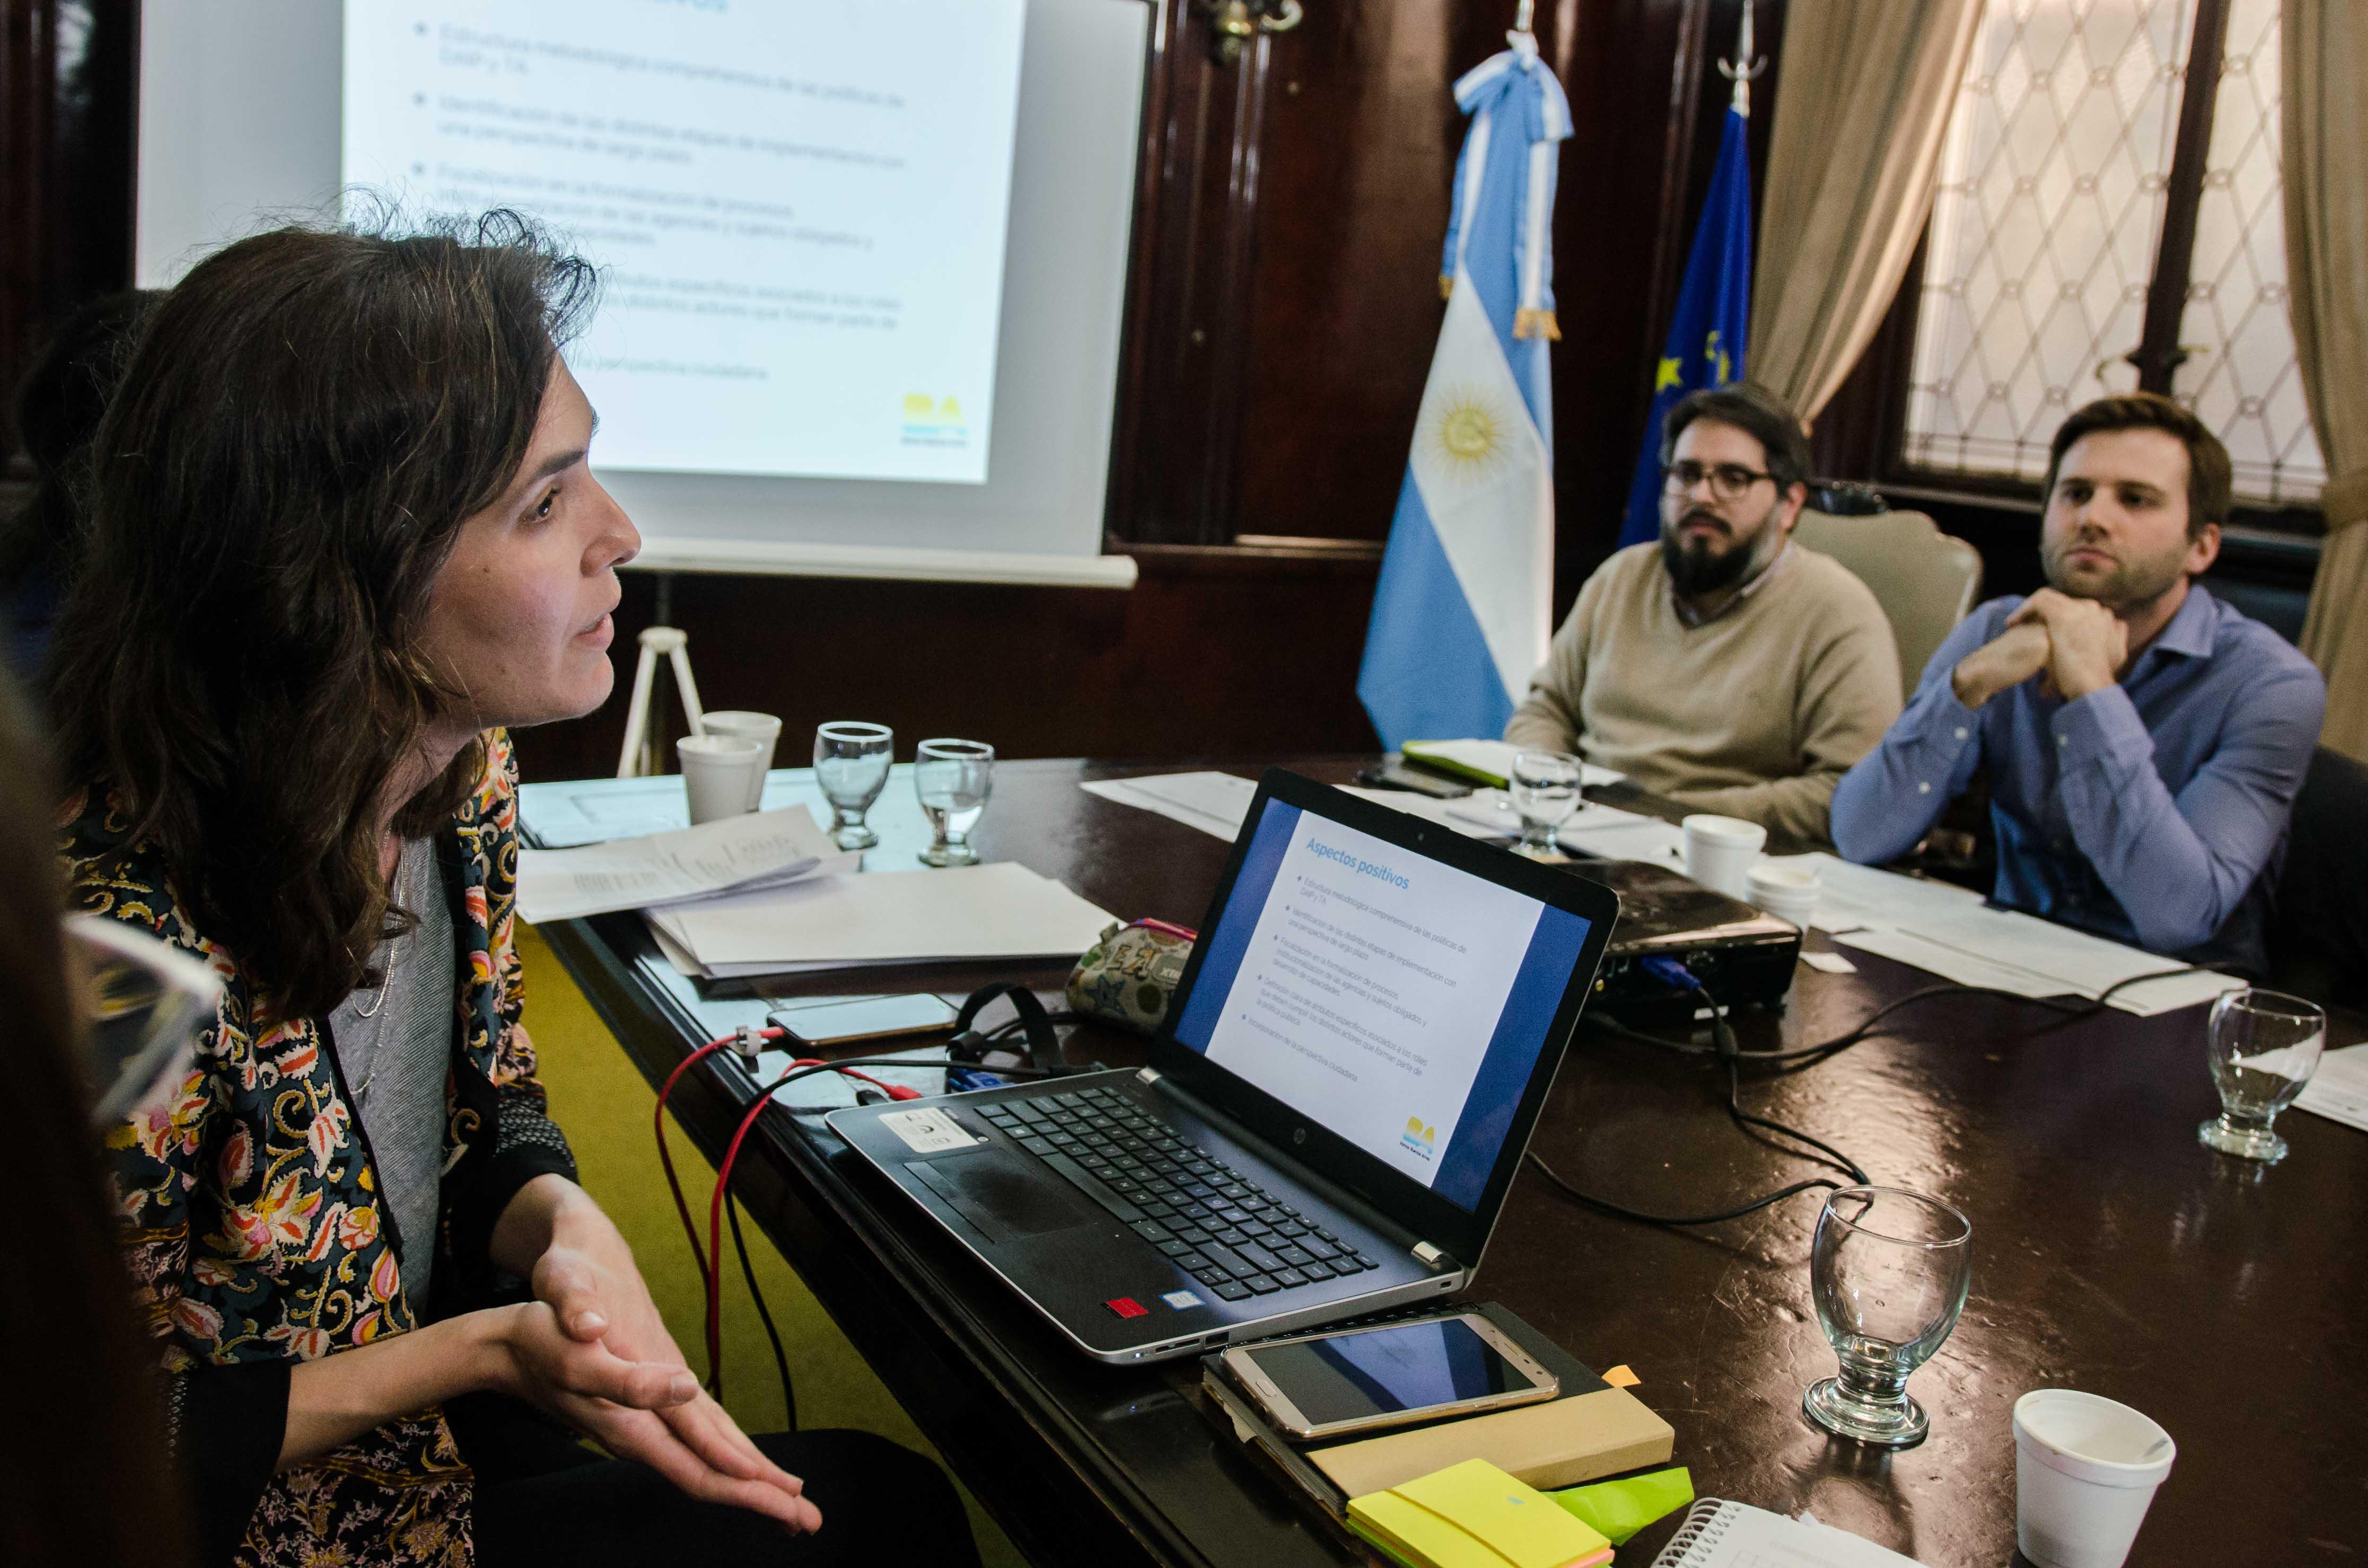 Emiliano Arena (CIPPEC), junto a Renzo Lavin (ACIJ) y María José Méndez (Euro Social) en el panel sobre validación de indicadores en el Ministerio del Interior